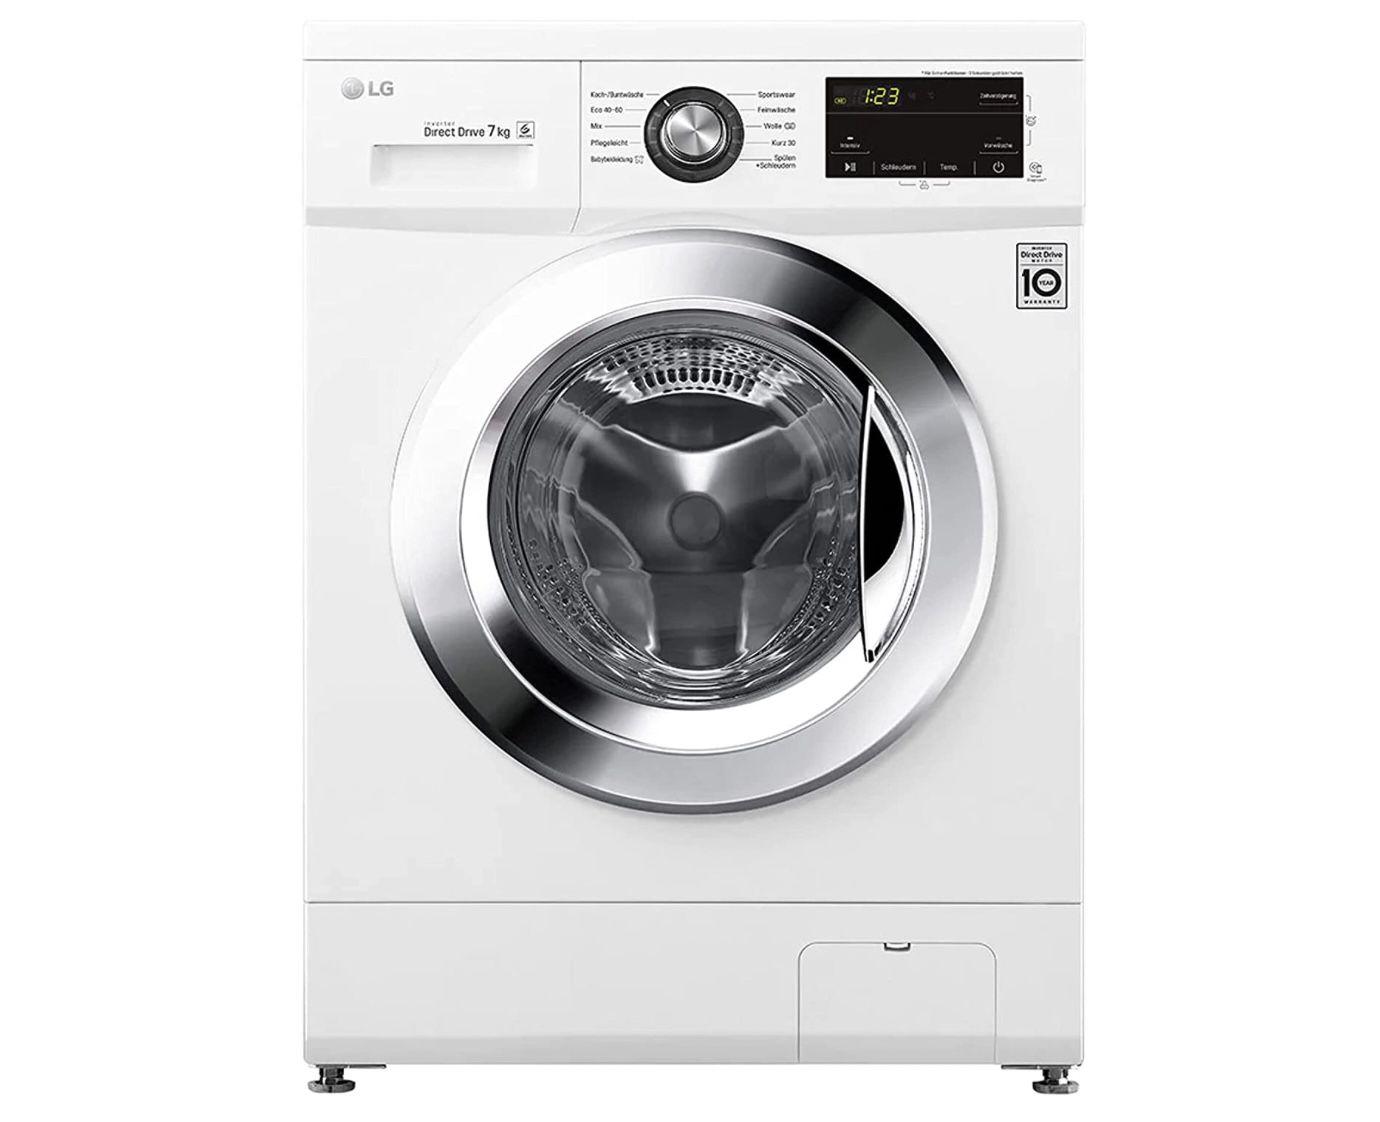 LG F1496QD3HT1 Waschmaschine 1400 U/Min 7 kg für 332,10€ (statt 389€)